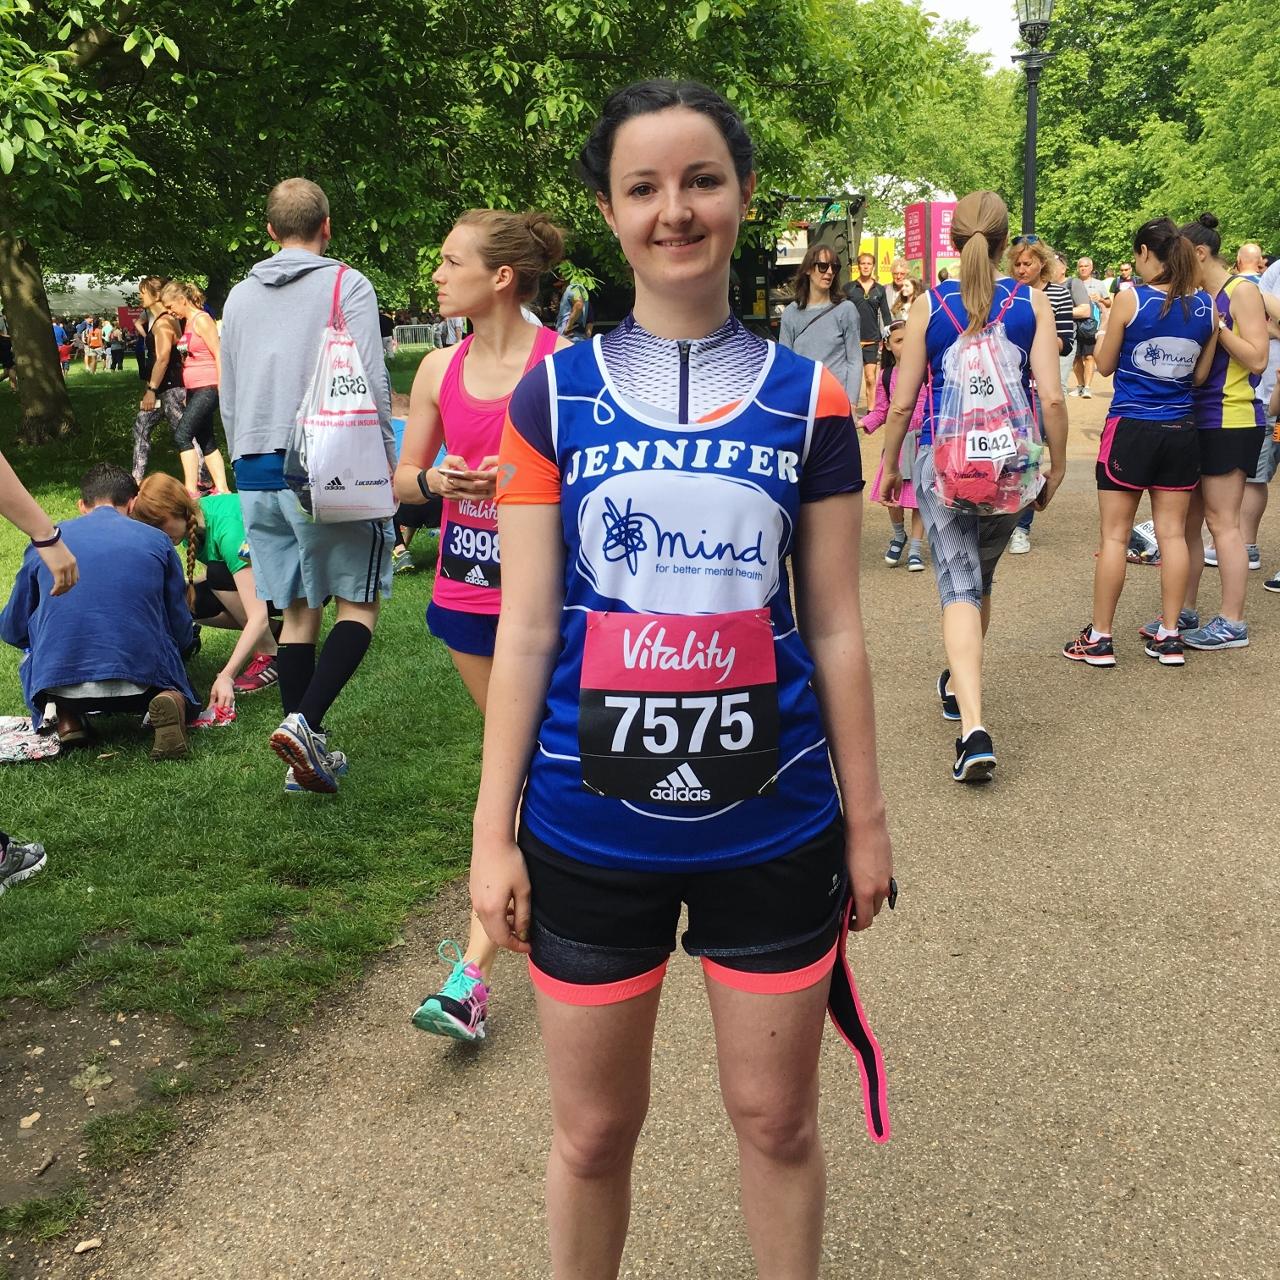 London Vitality 10000 runner